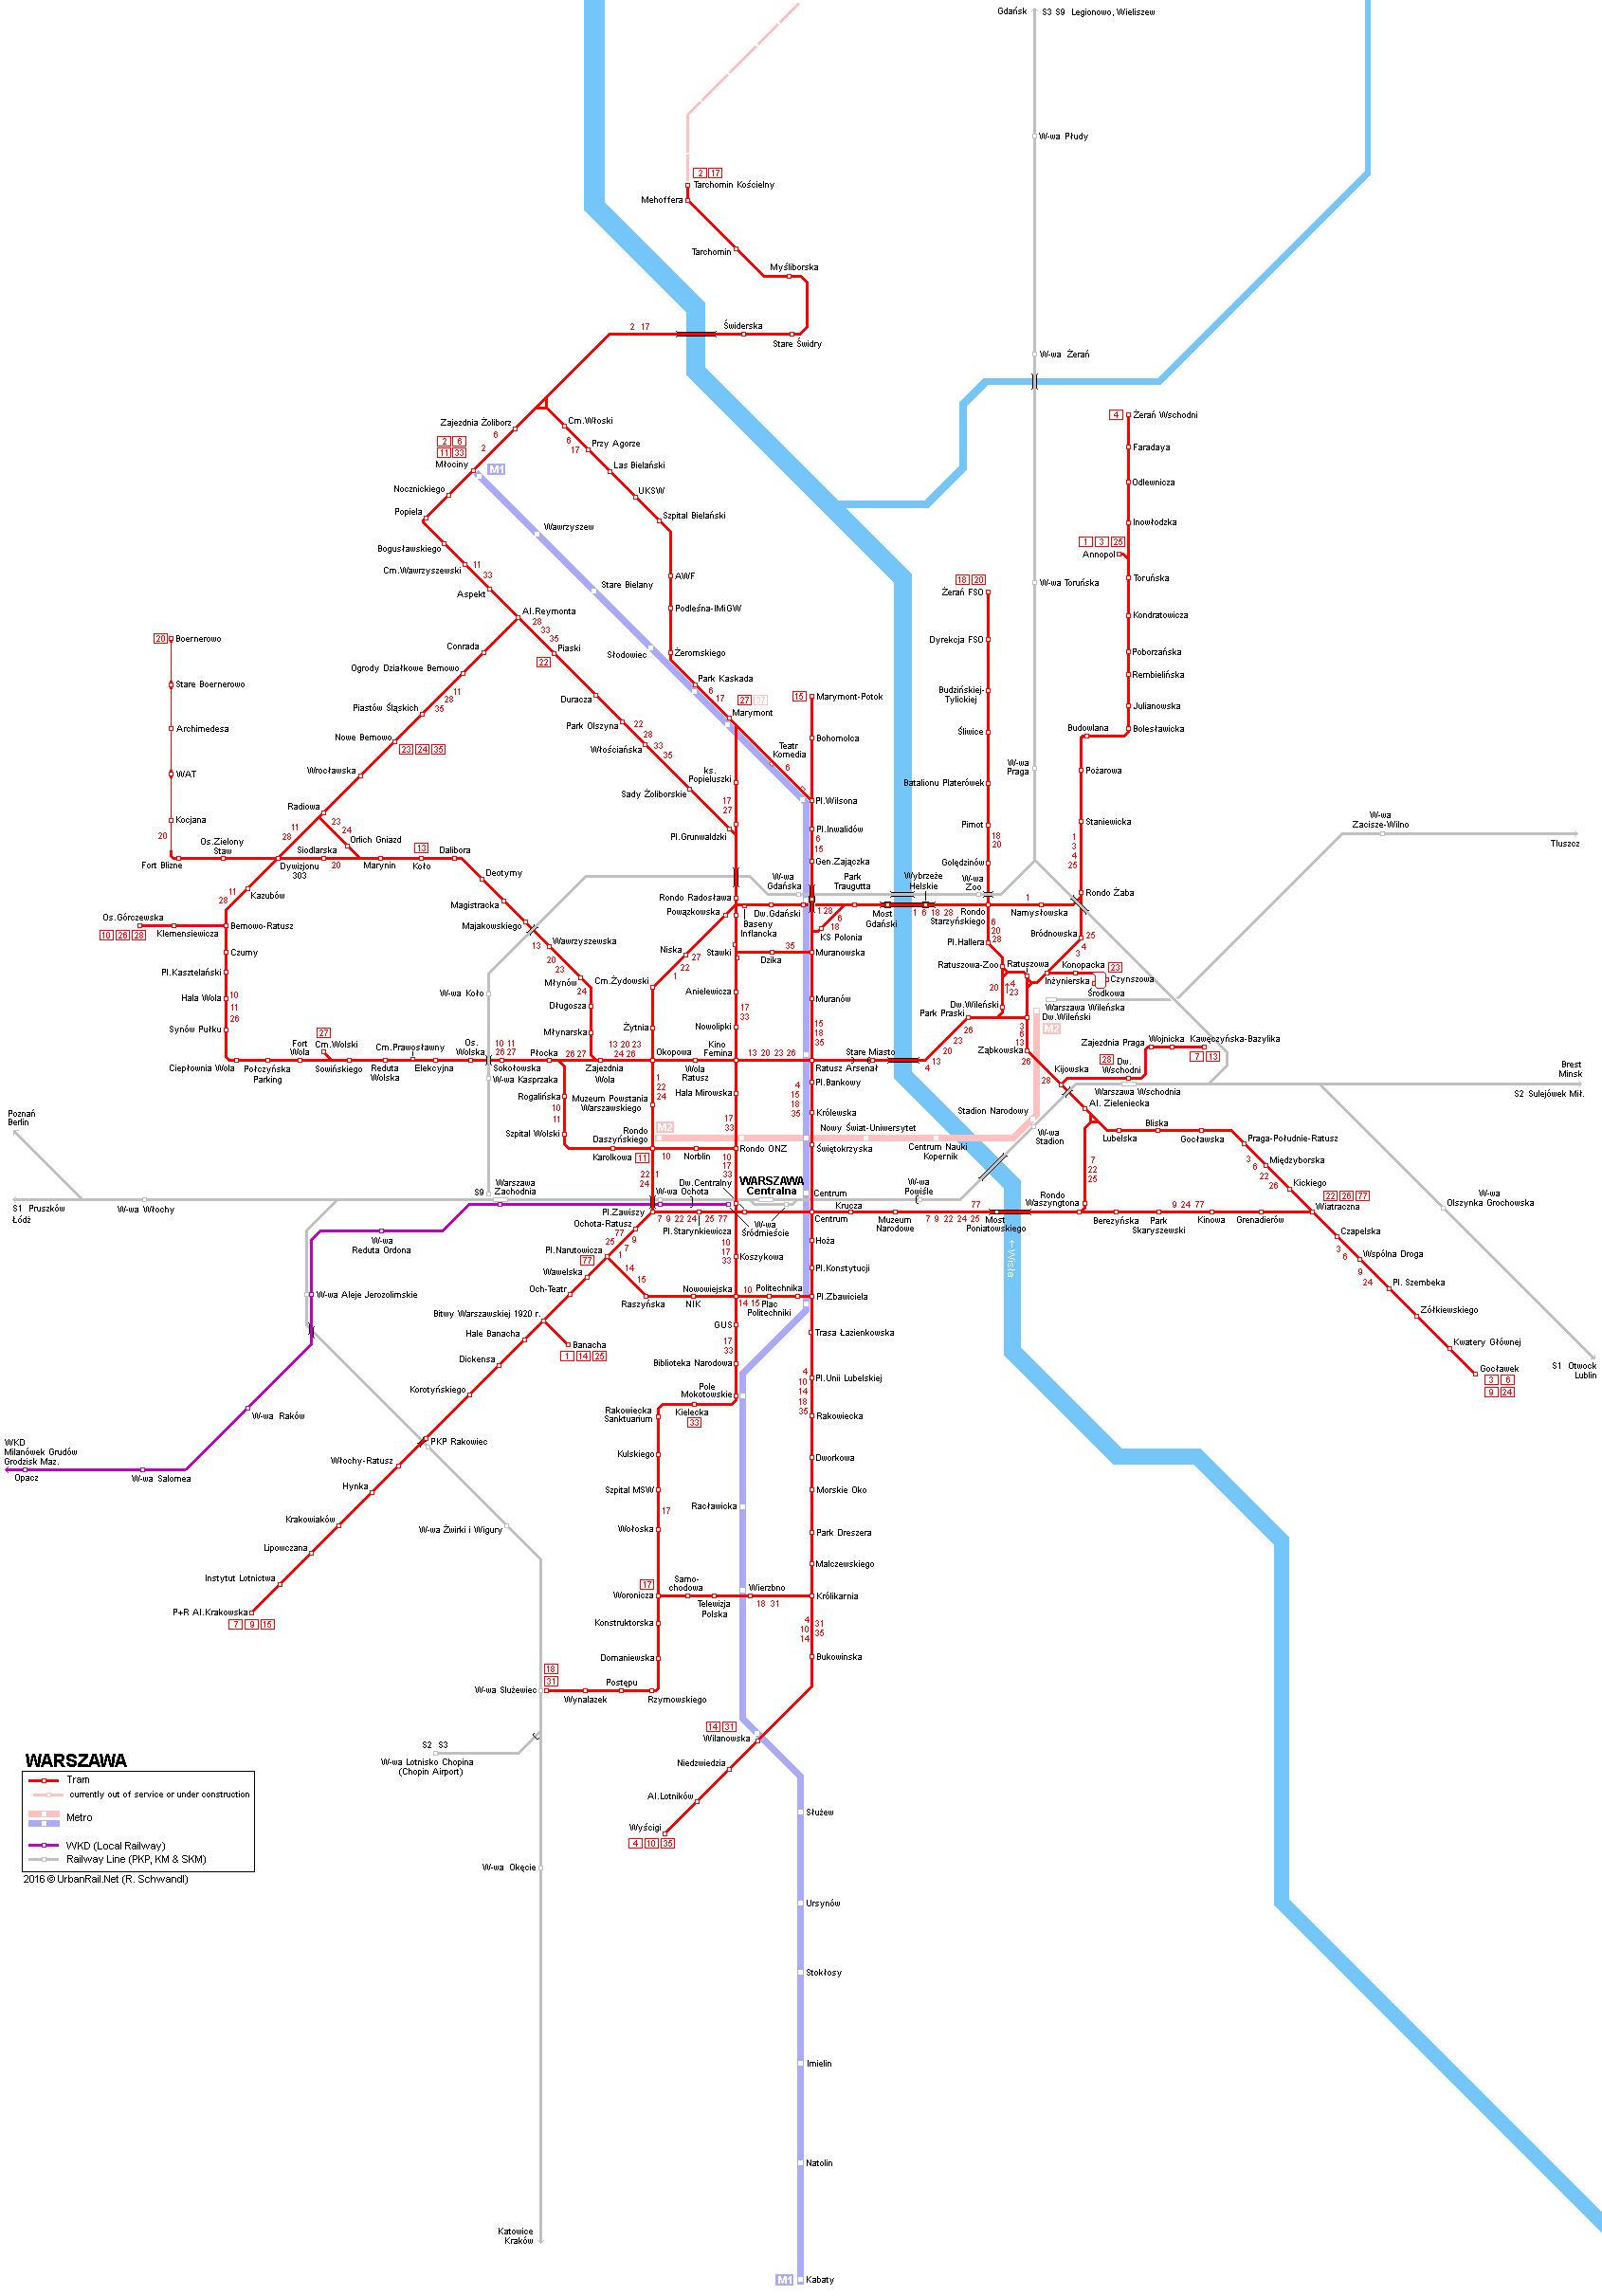 Tramvajová síť ve Varšavě i s vyznačeným plánovaným prodloužením na severu města. (zdroj: UrbanRail.net).